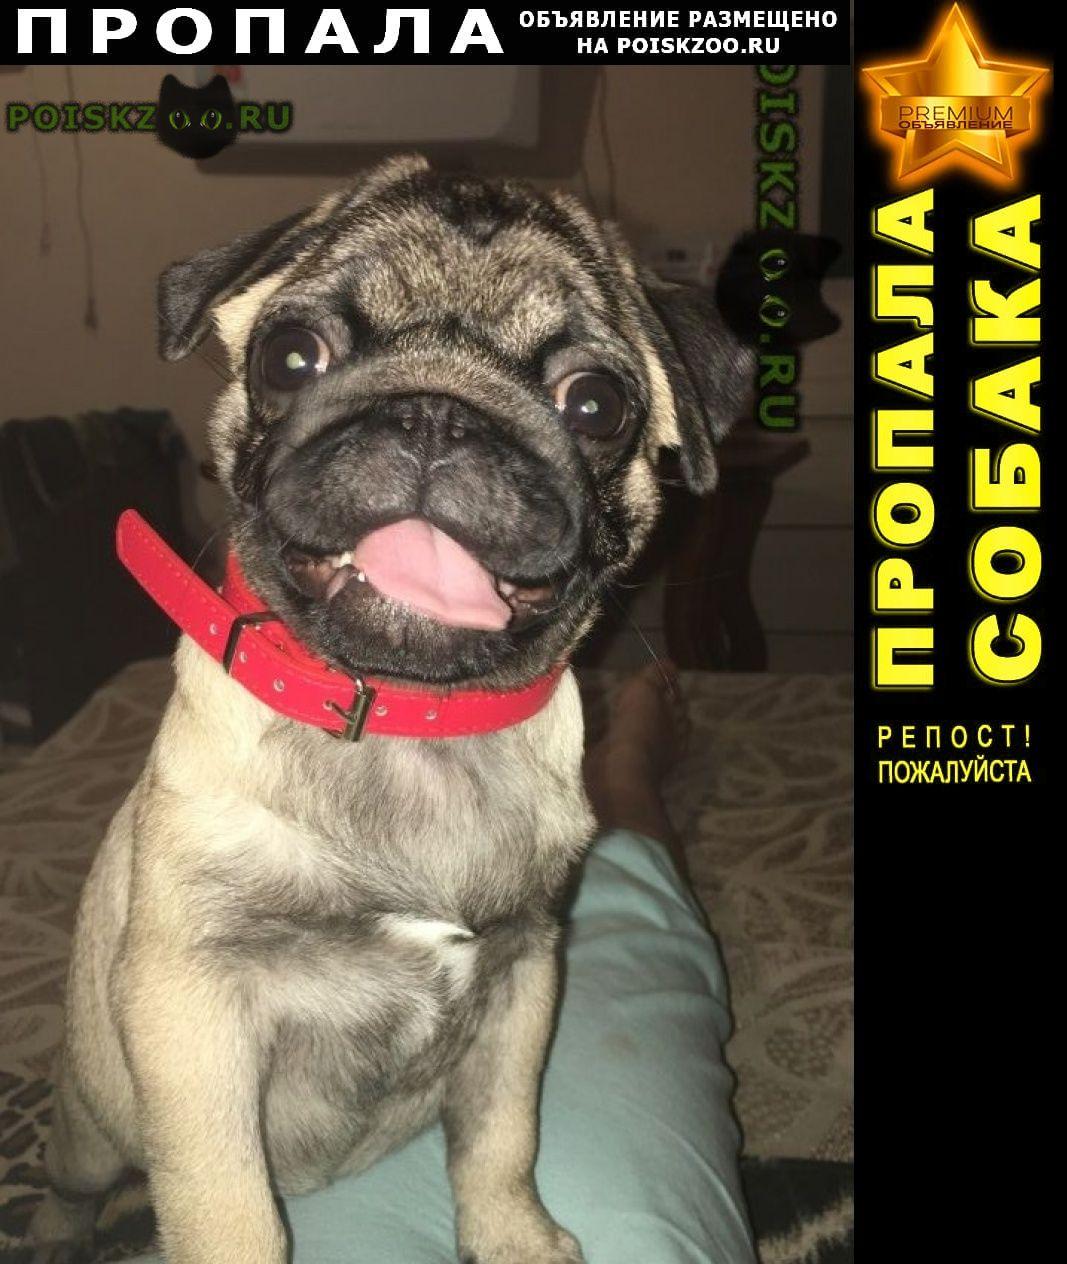 Пропала собака Таганрог